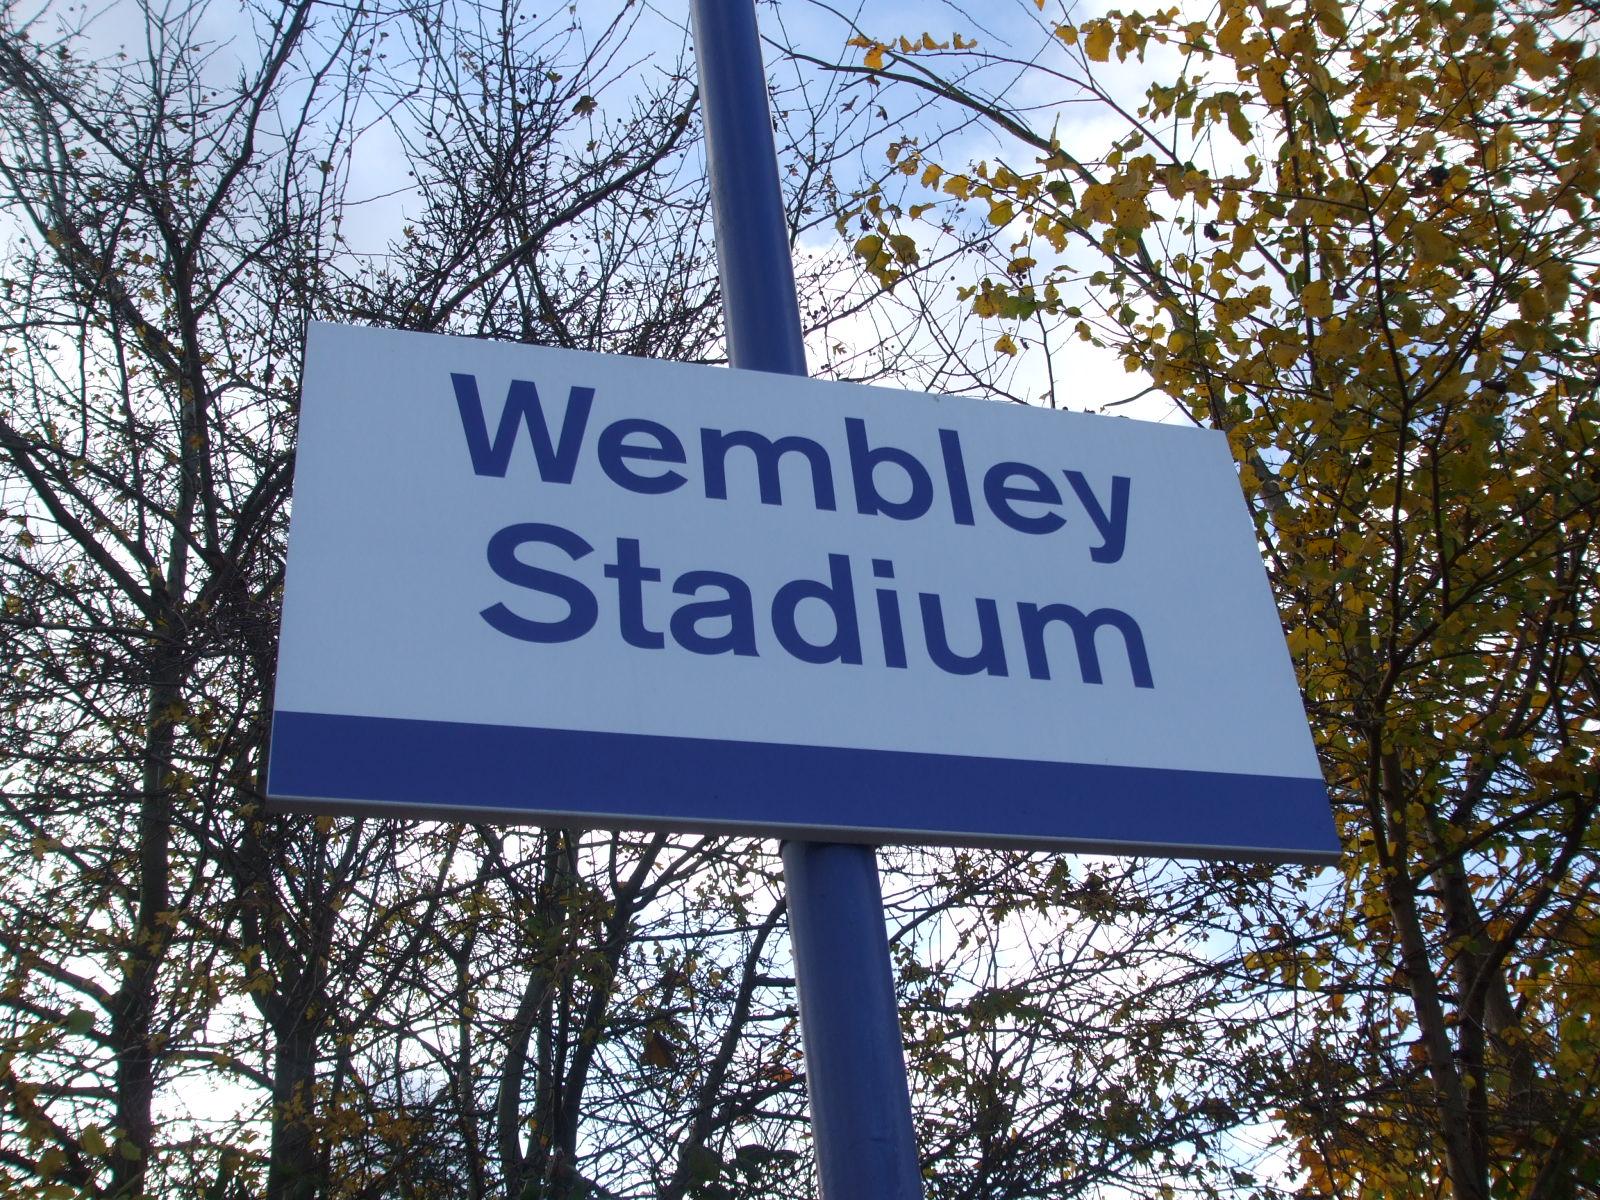 Il cartello che segnala lo stadio di Wembley